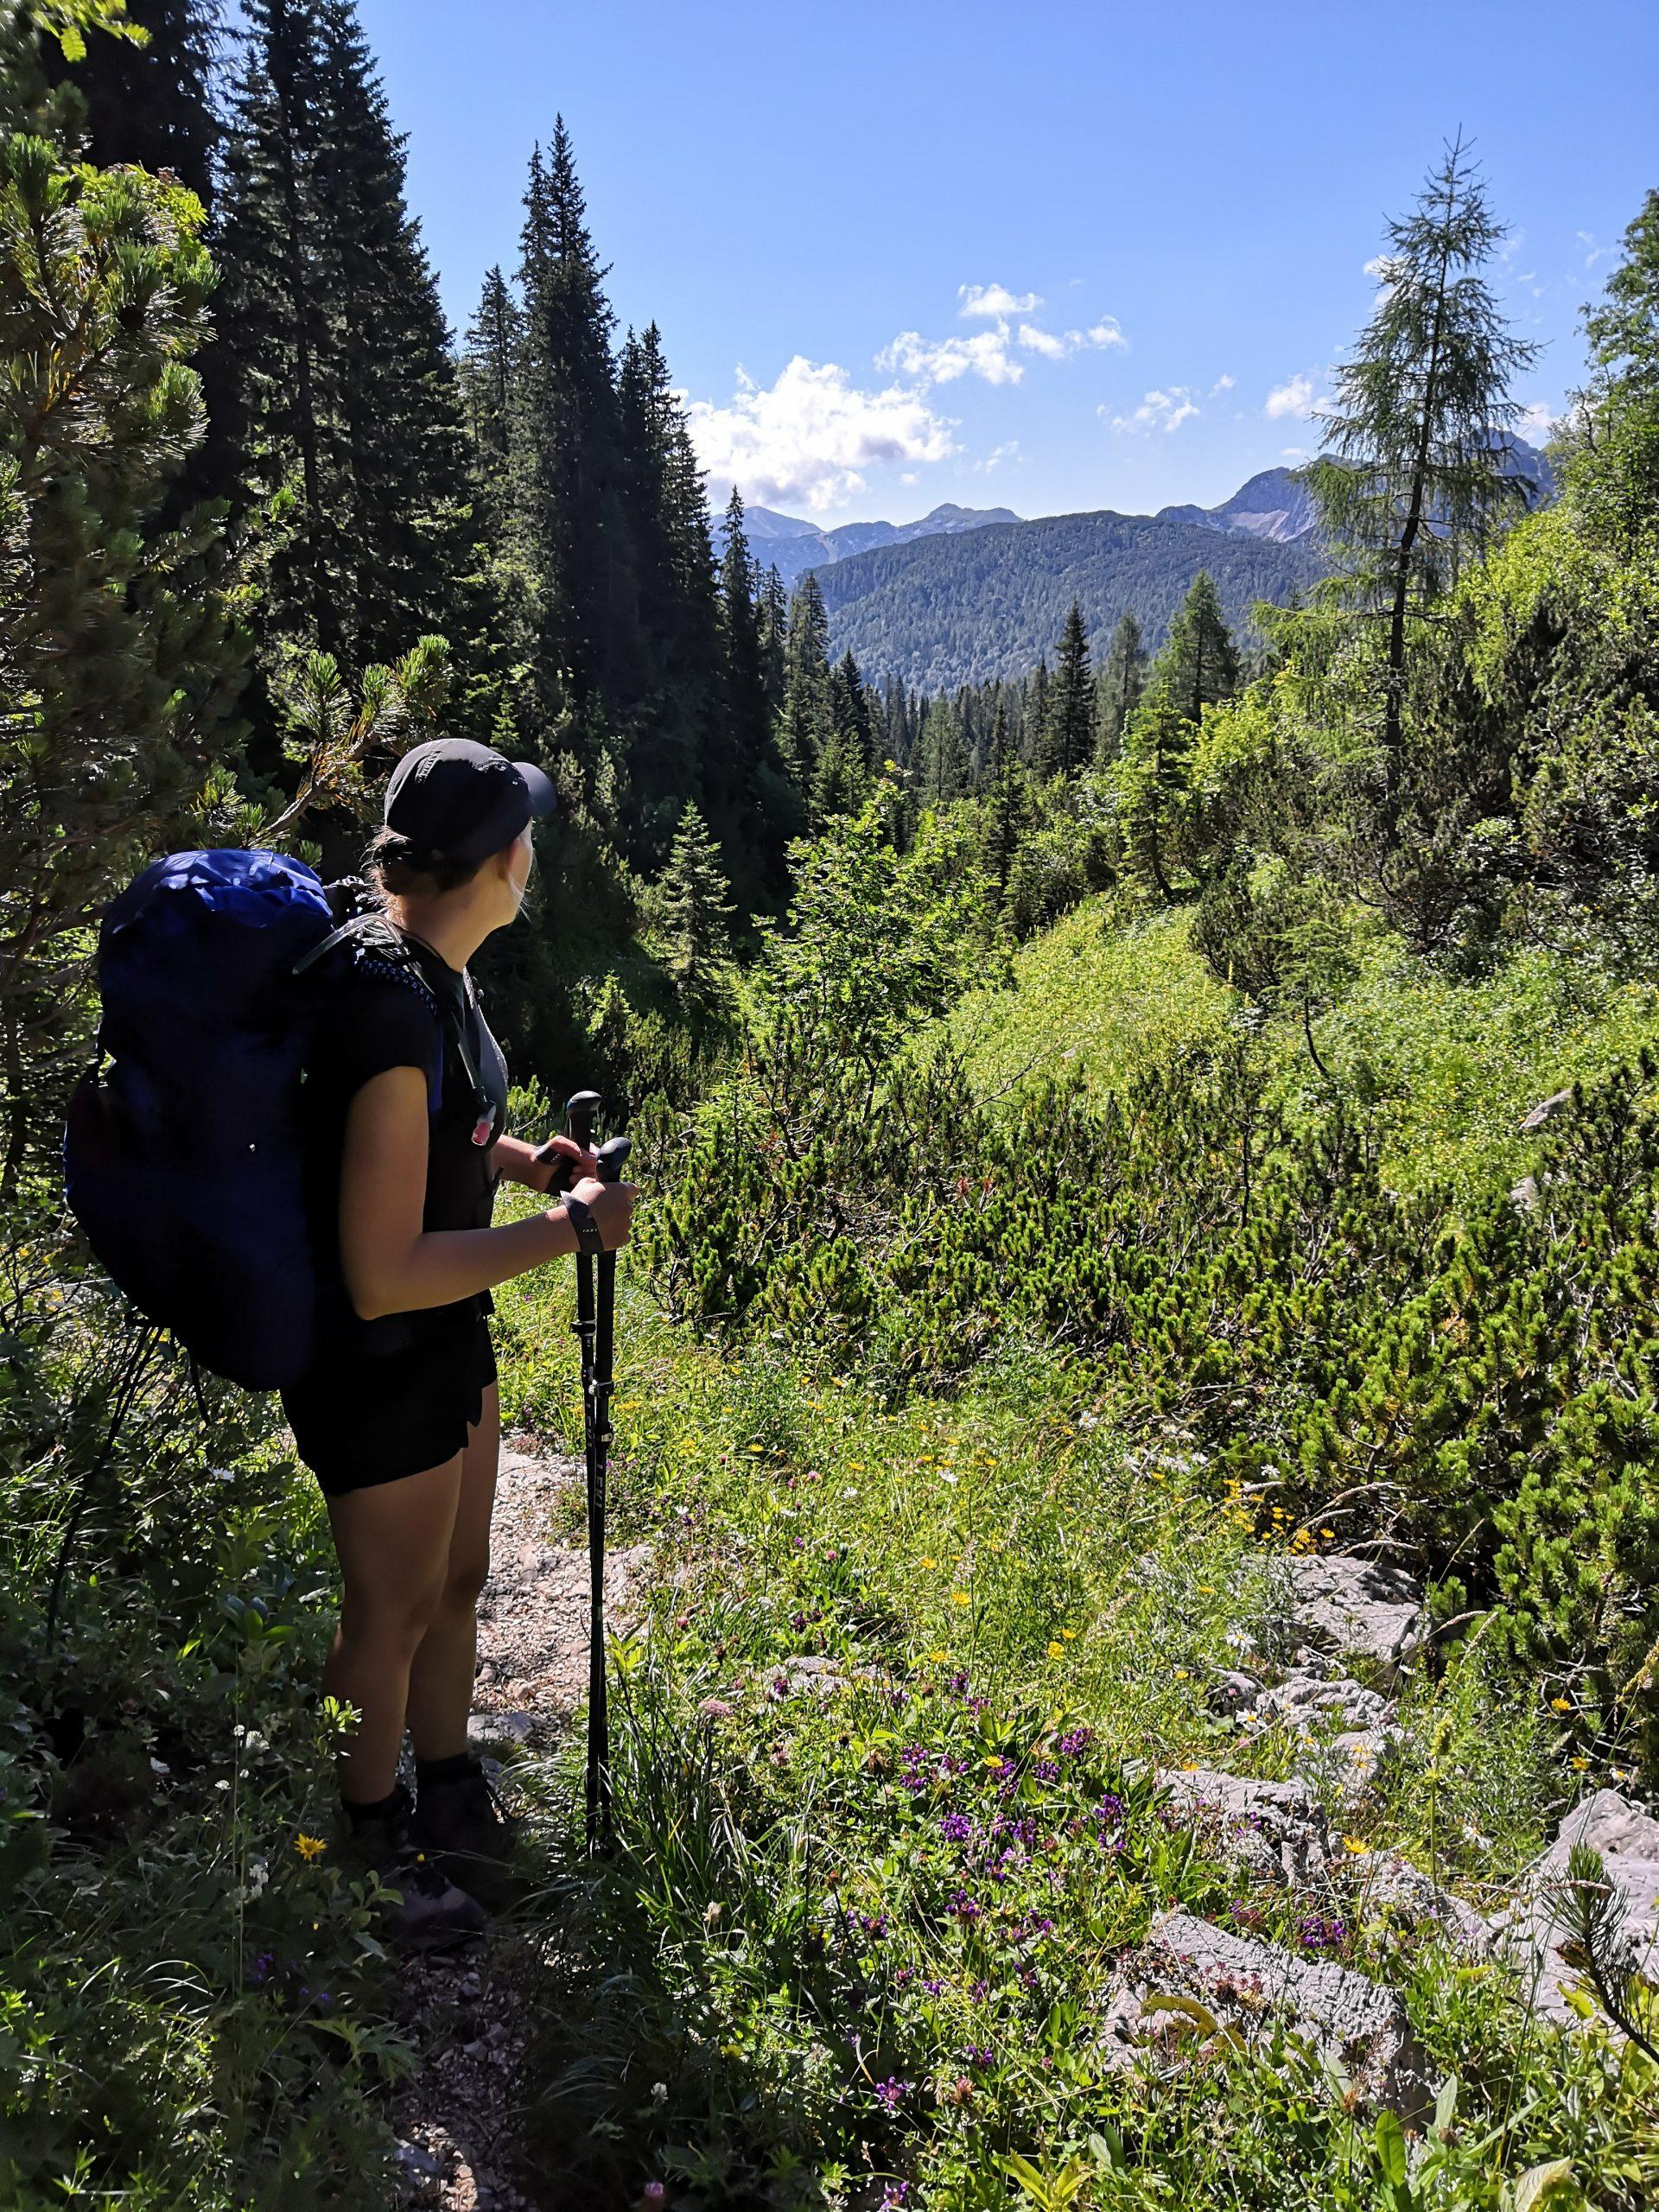 Micro Vario Carbon Trekkingstöcke - Auf dem Weg zum Gipfel des Triglavs